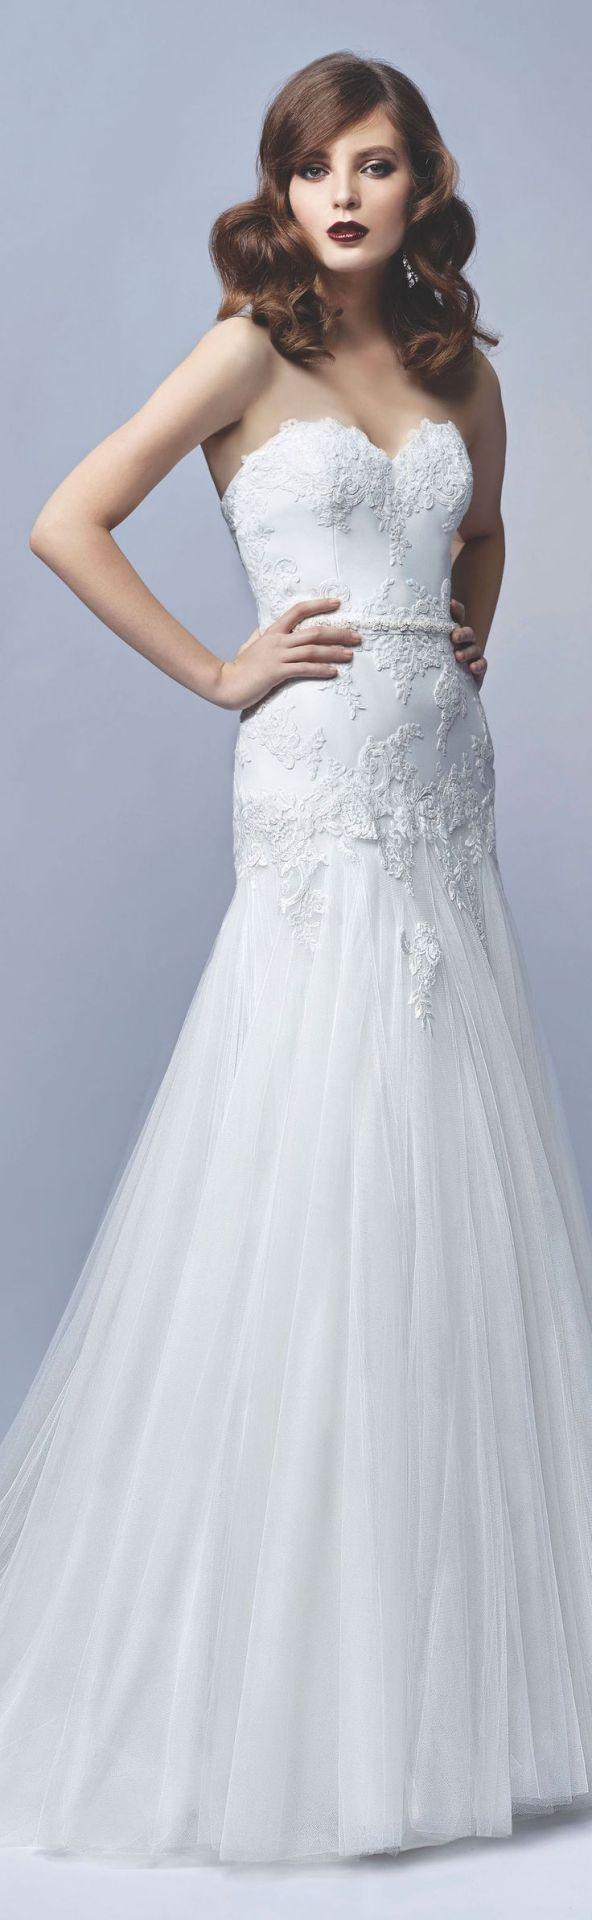 photo de belle robe mariée pas chère dans le 45